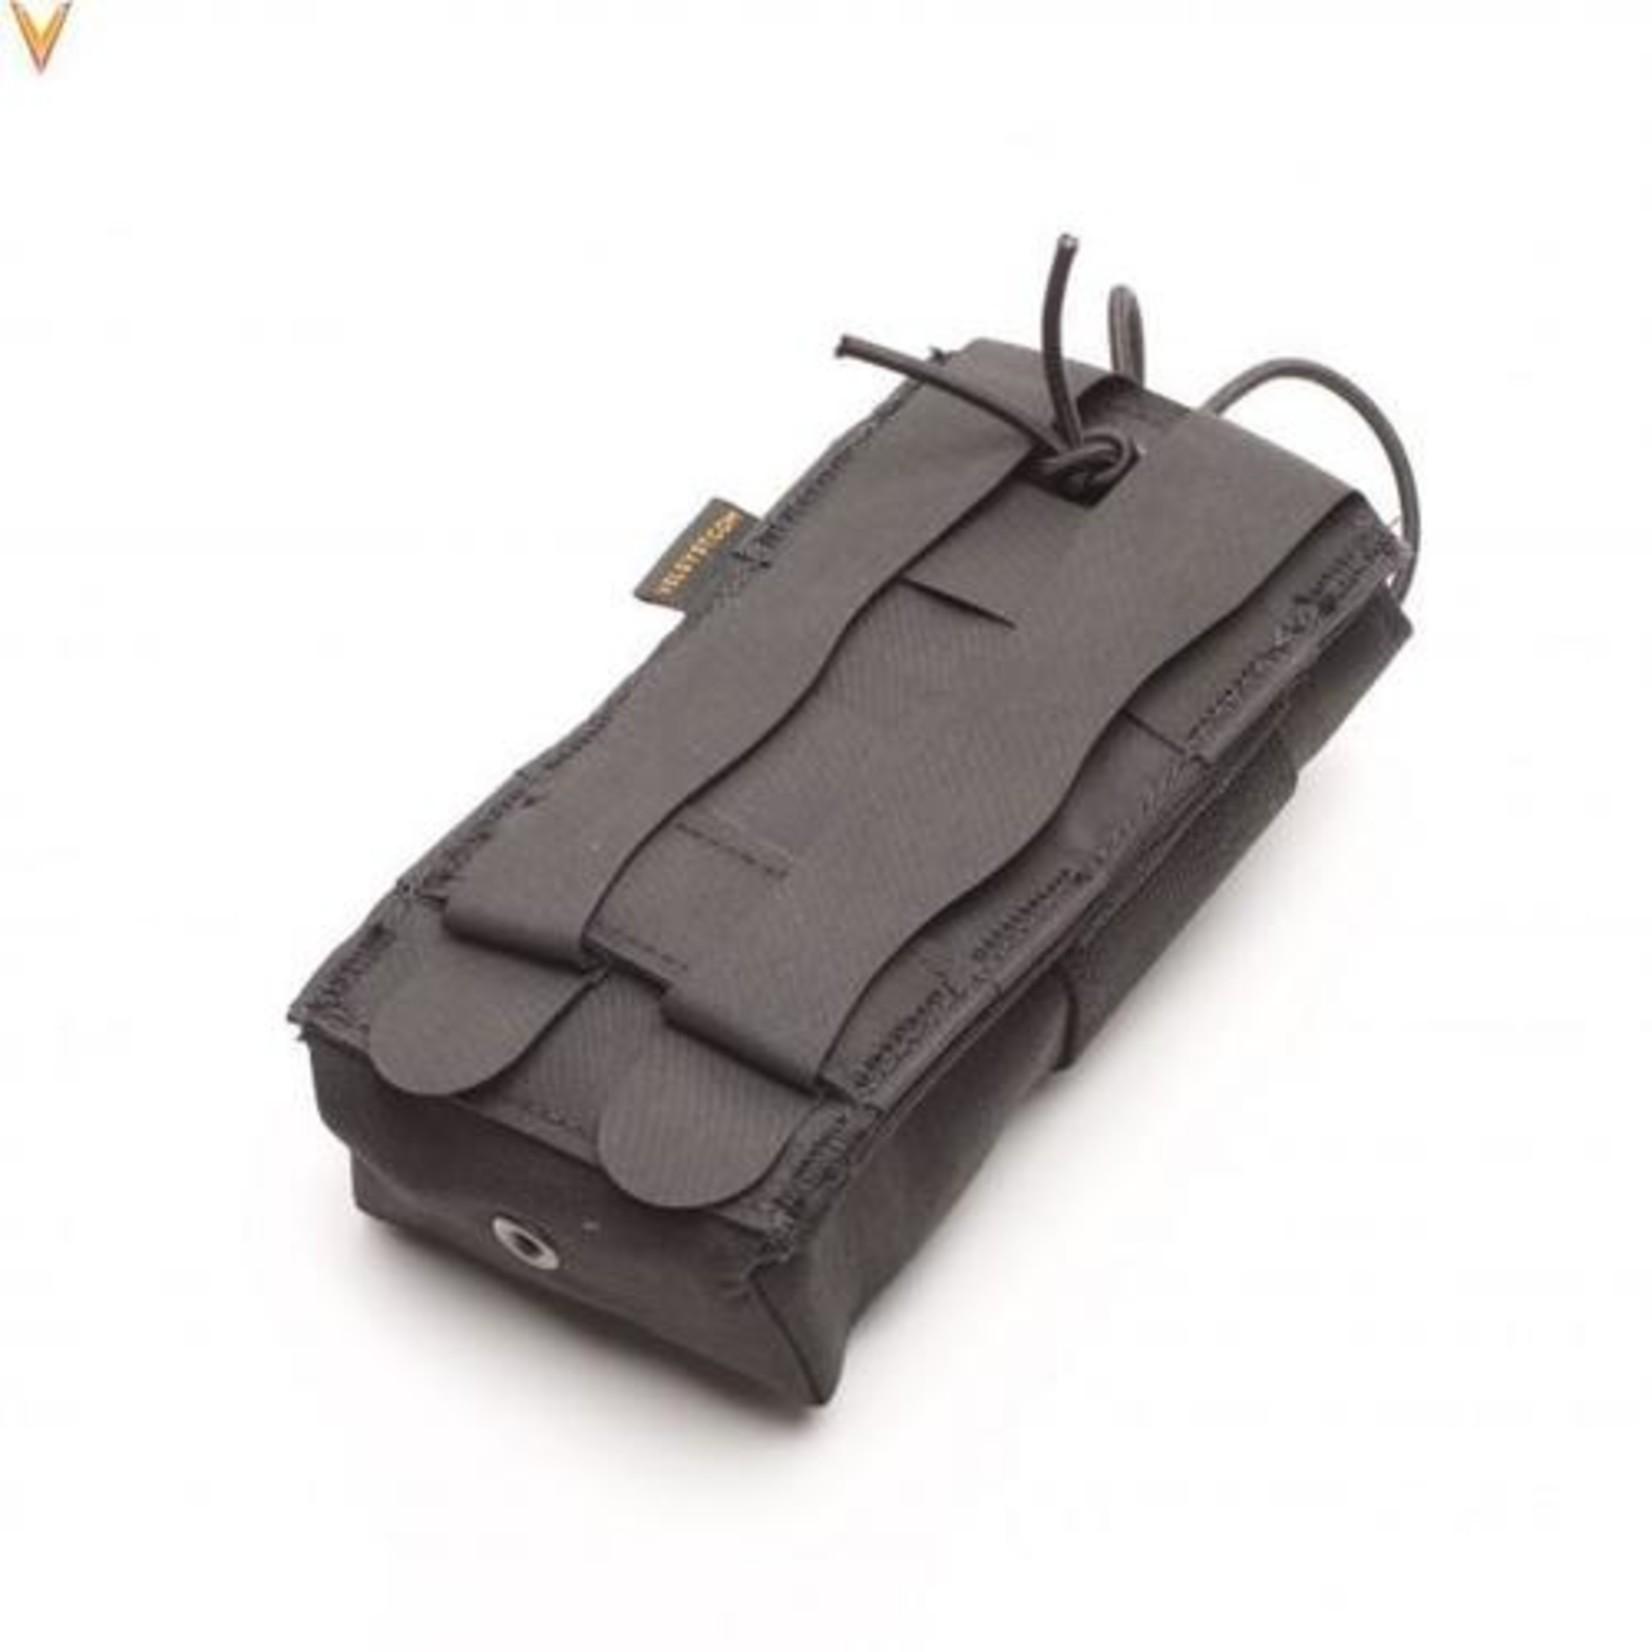 VELOCITY SYSTEMS HELIUM WHISPER MOTOROLA RADIO POUCH